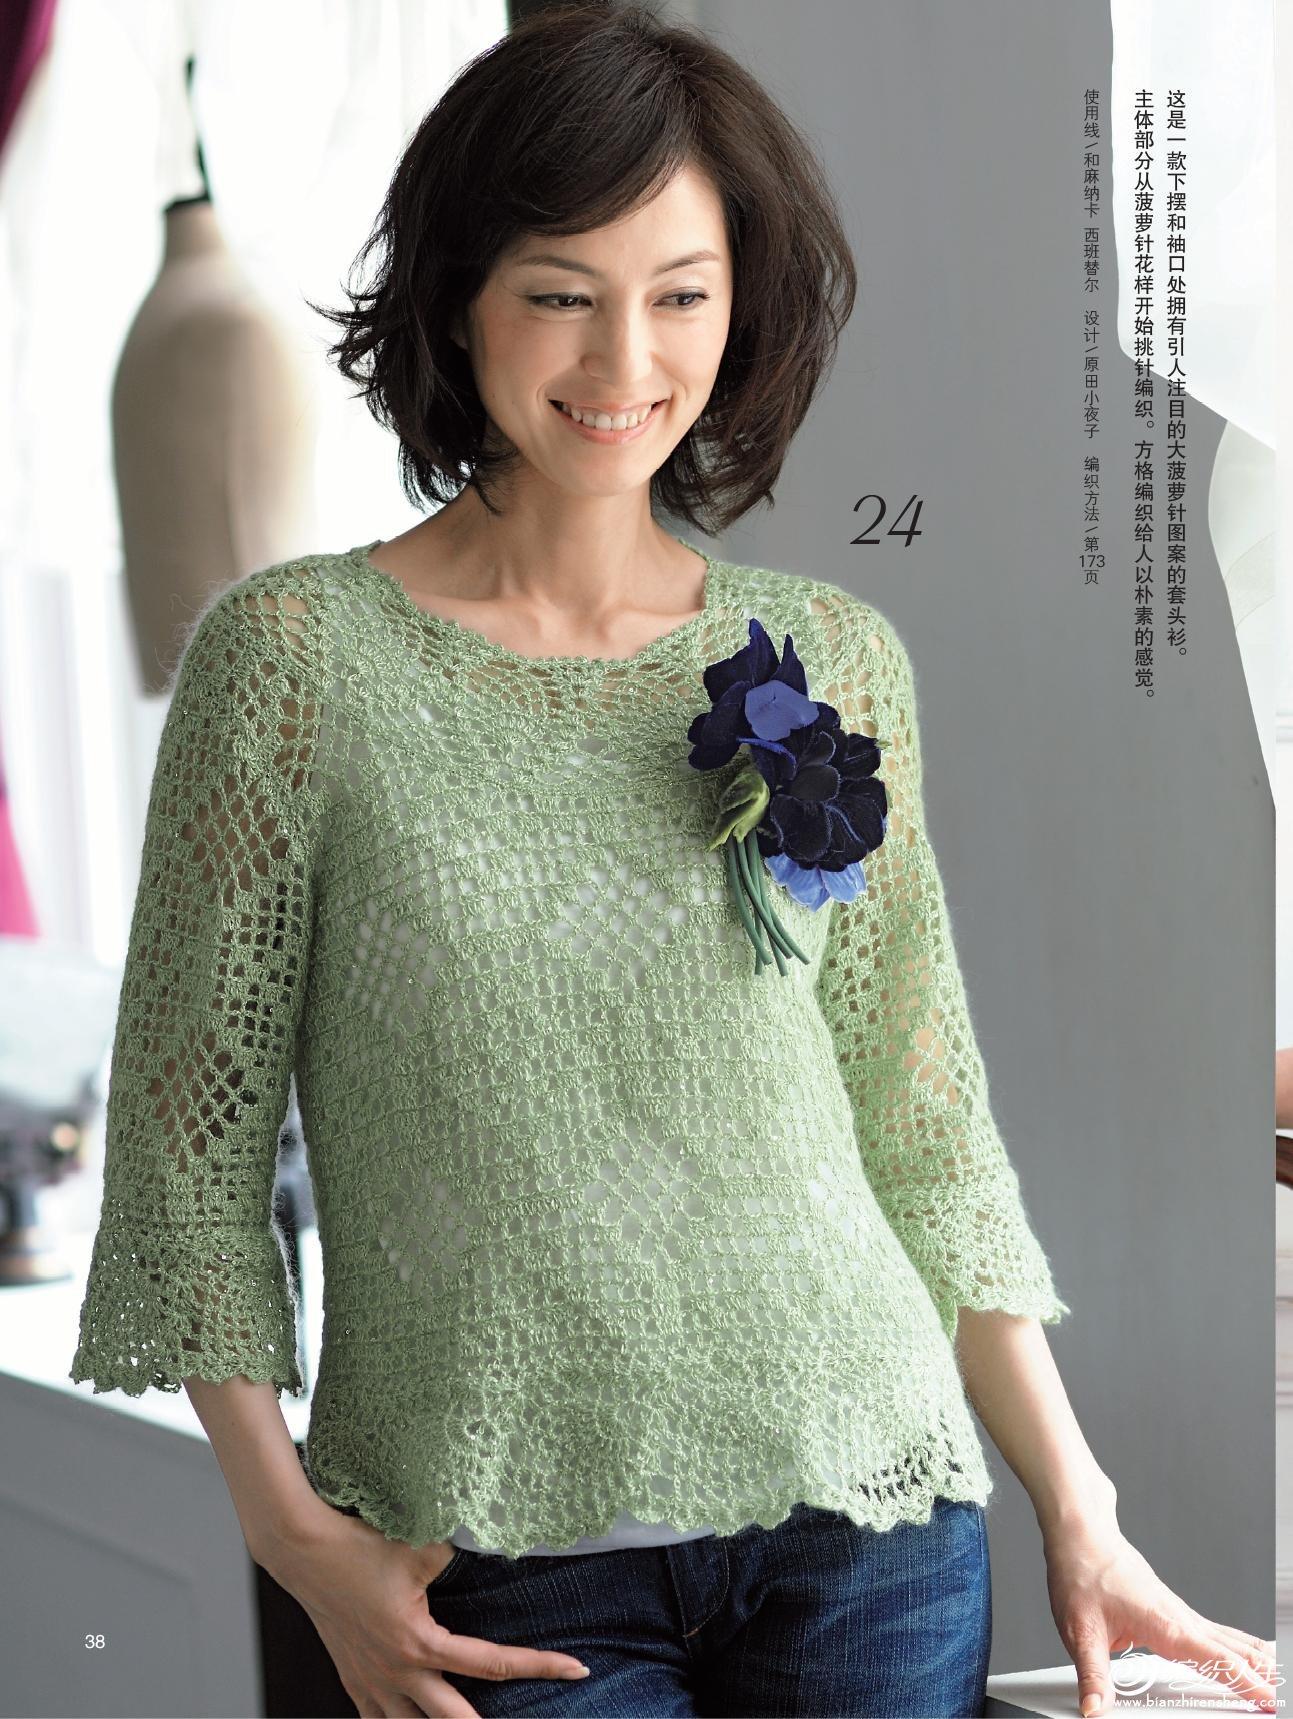 在线试读-70款超好搭的毛衫钩织内文-38.jpg